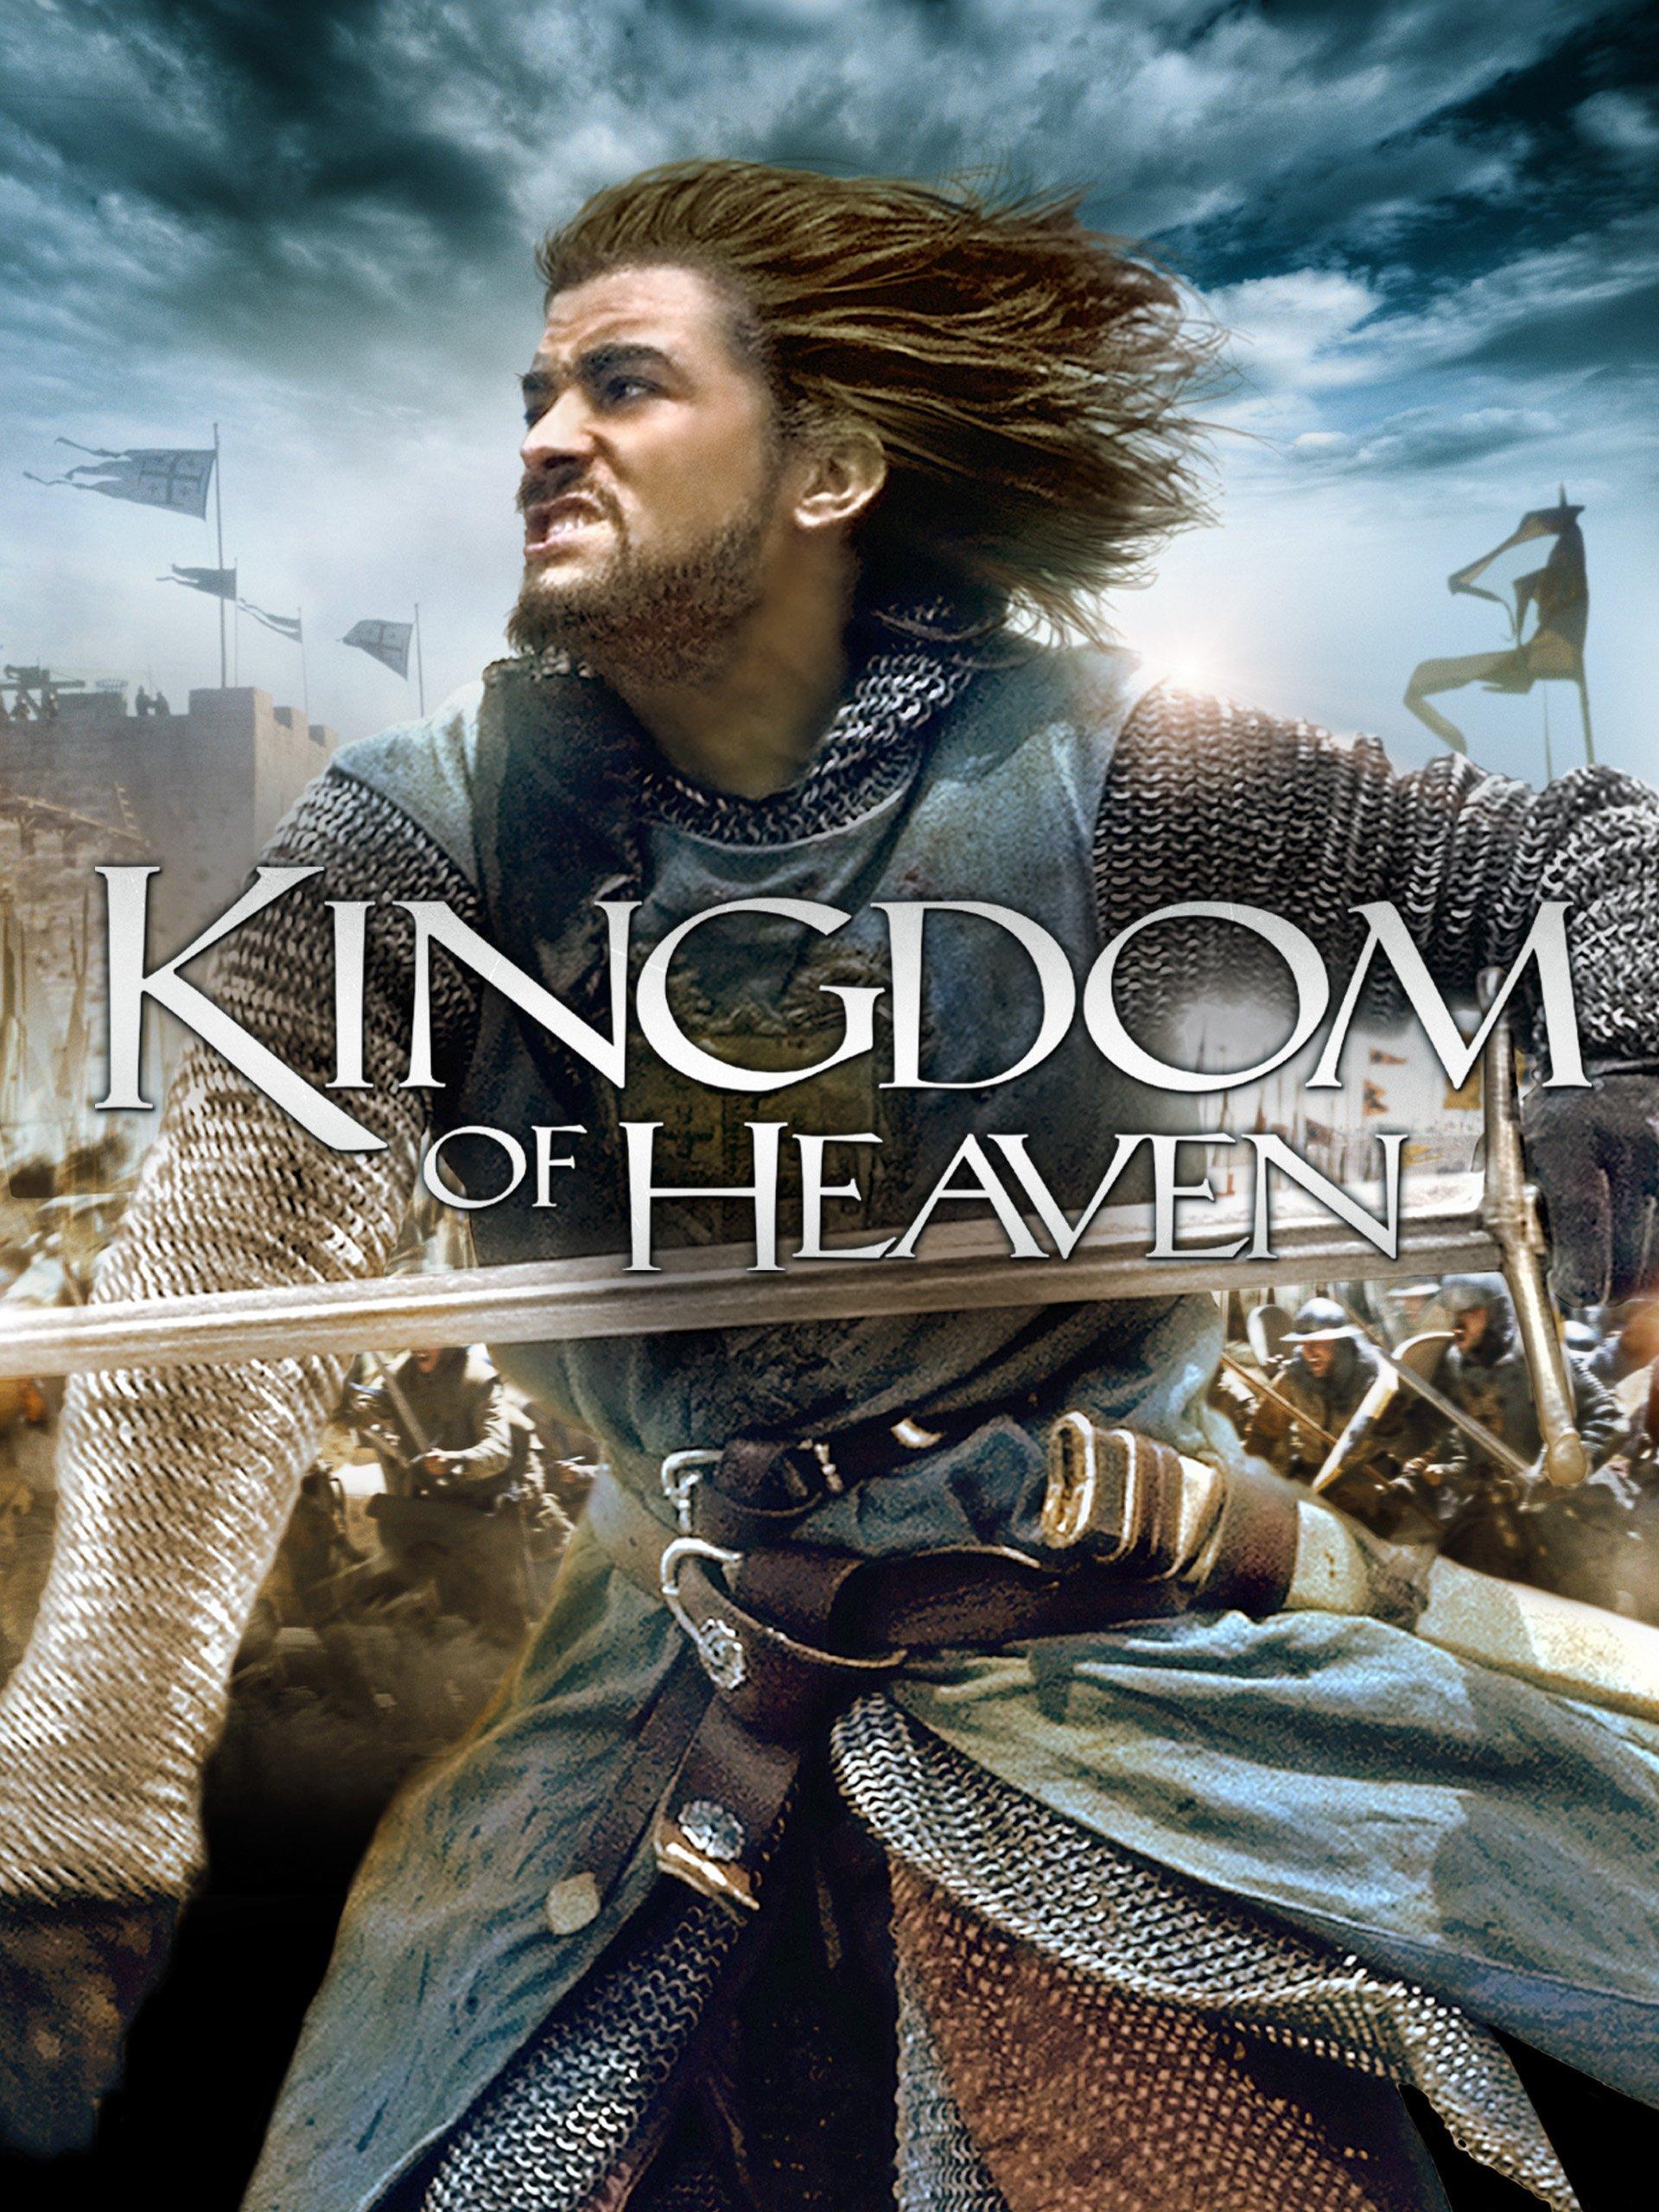 kingdom of heaven directors cut watch online free